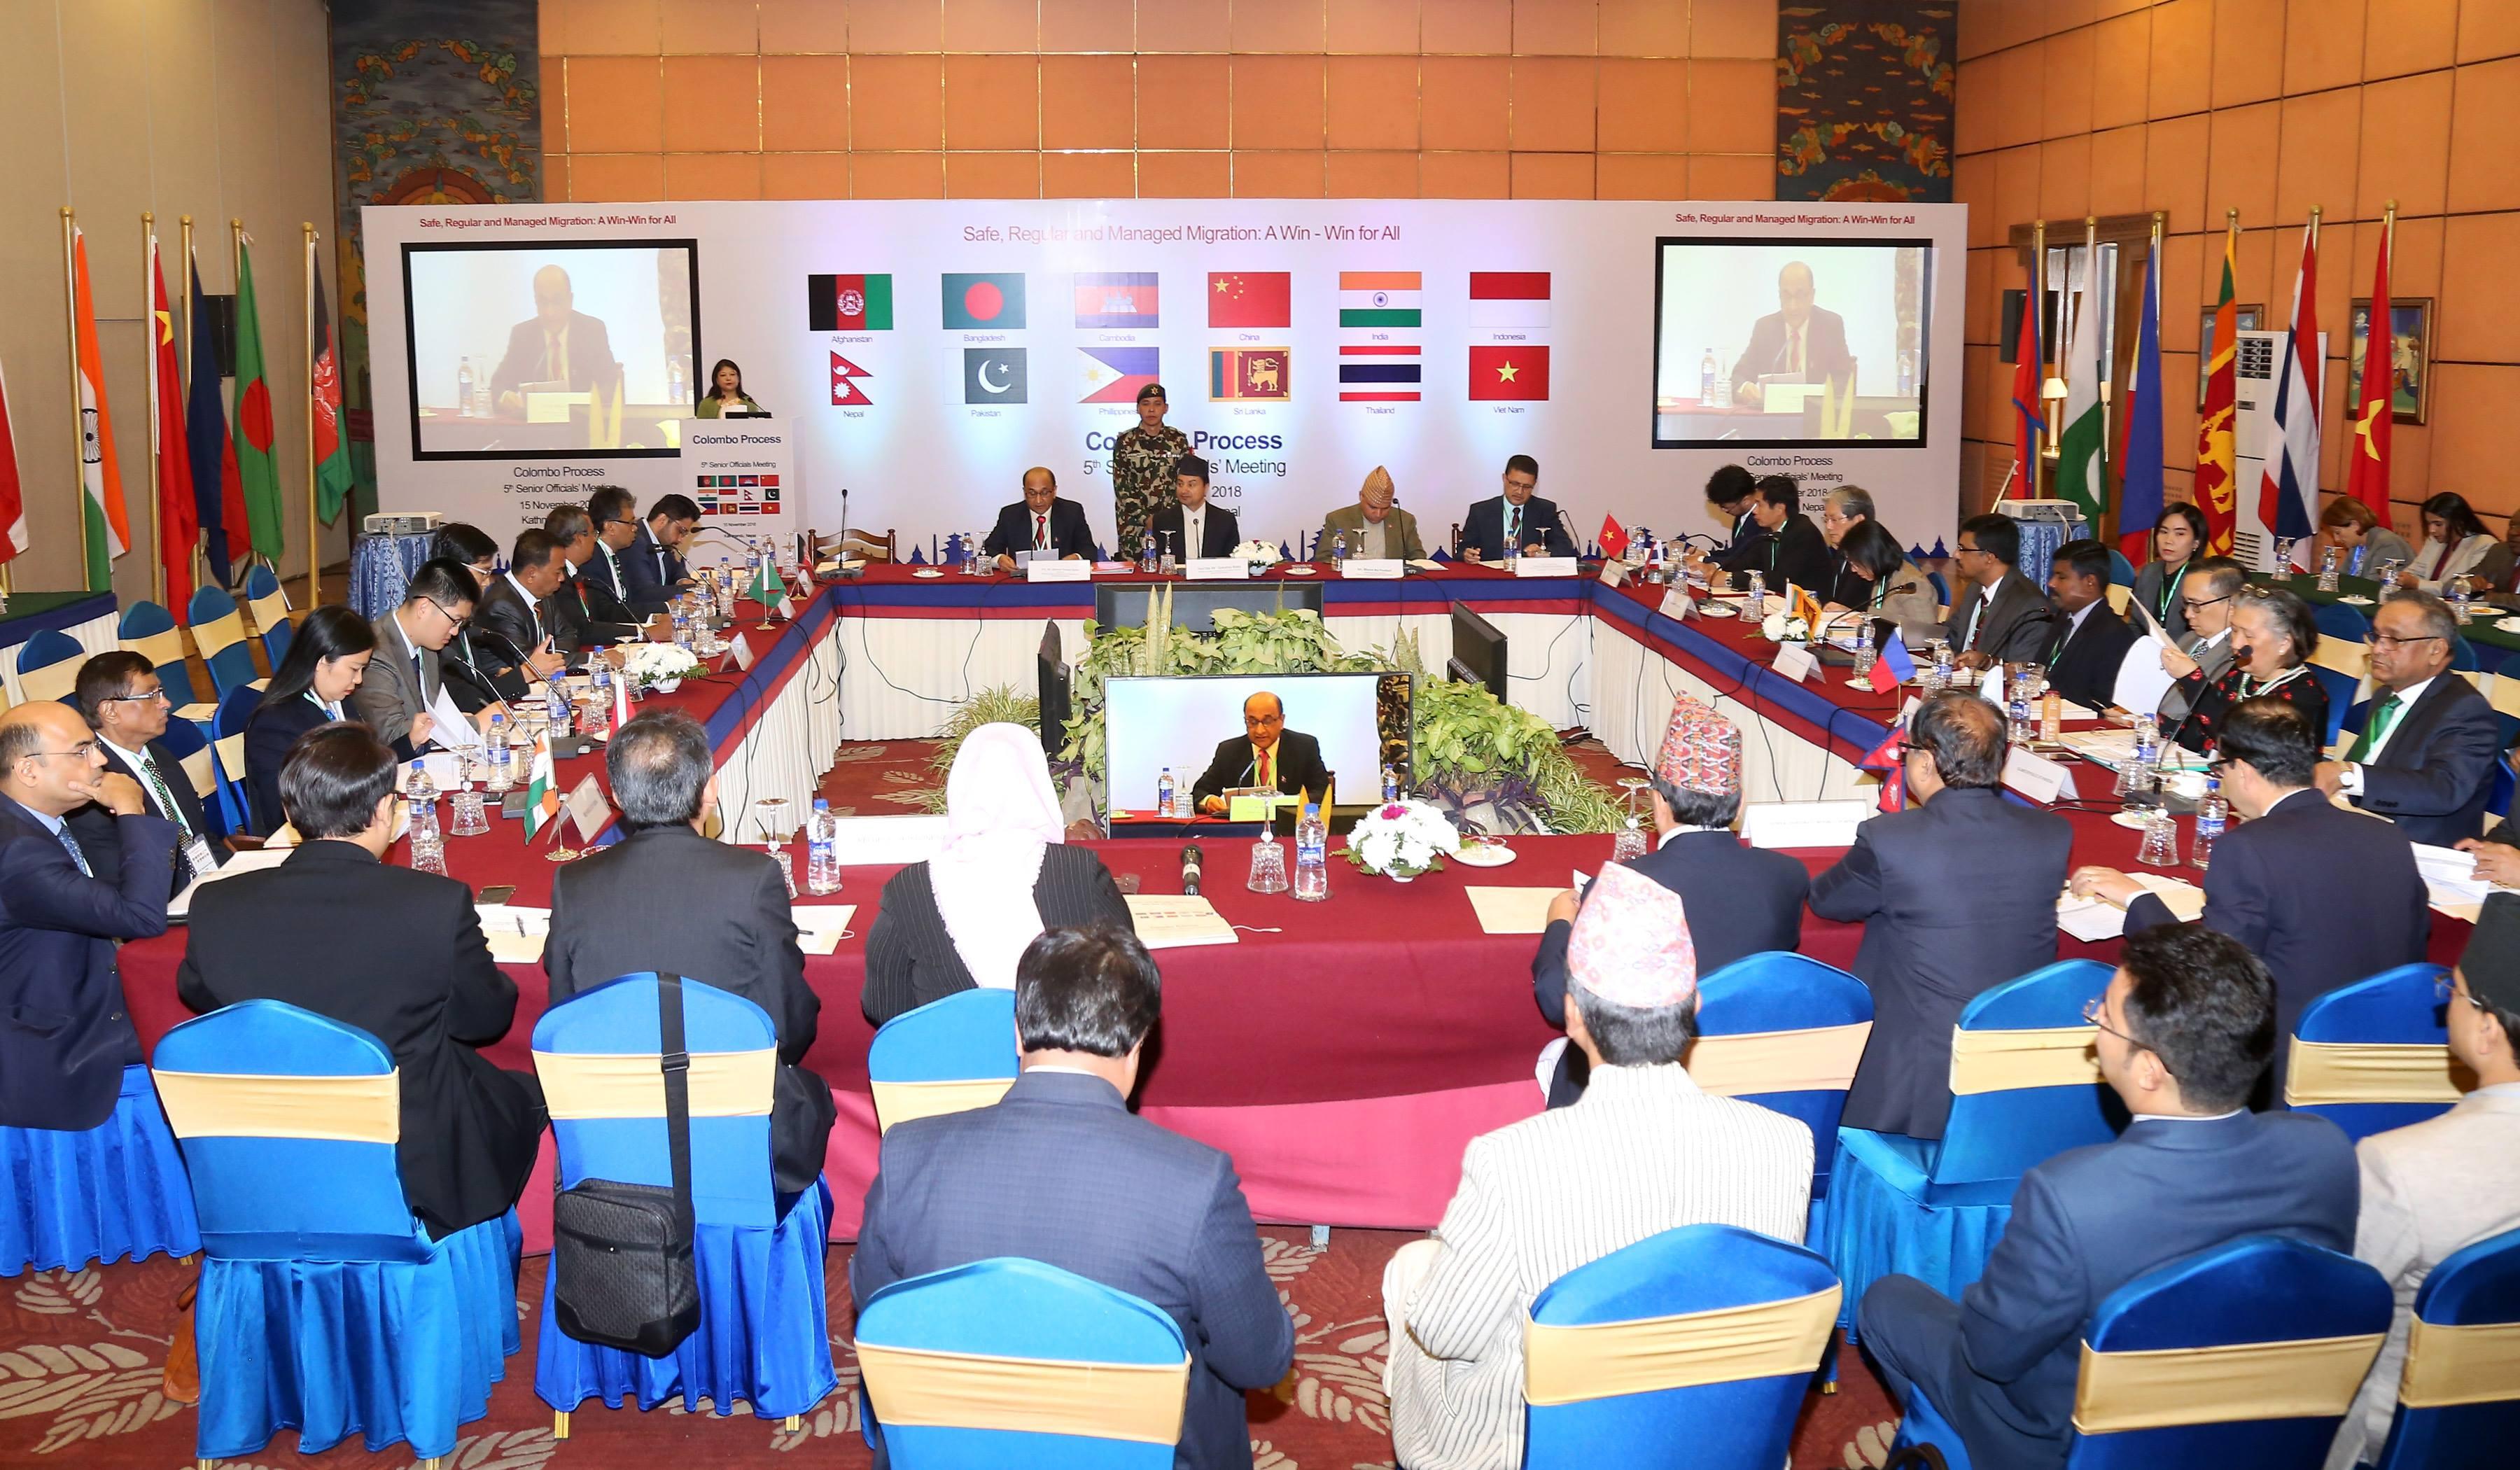 विदेशमा धेरै कामदार पठाउने देशहरुको बैठक सोल्टीमा सुरु, नेपाल अध्यक्ष